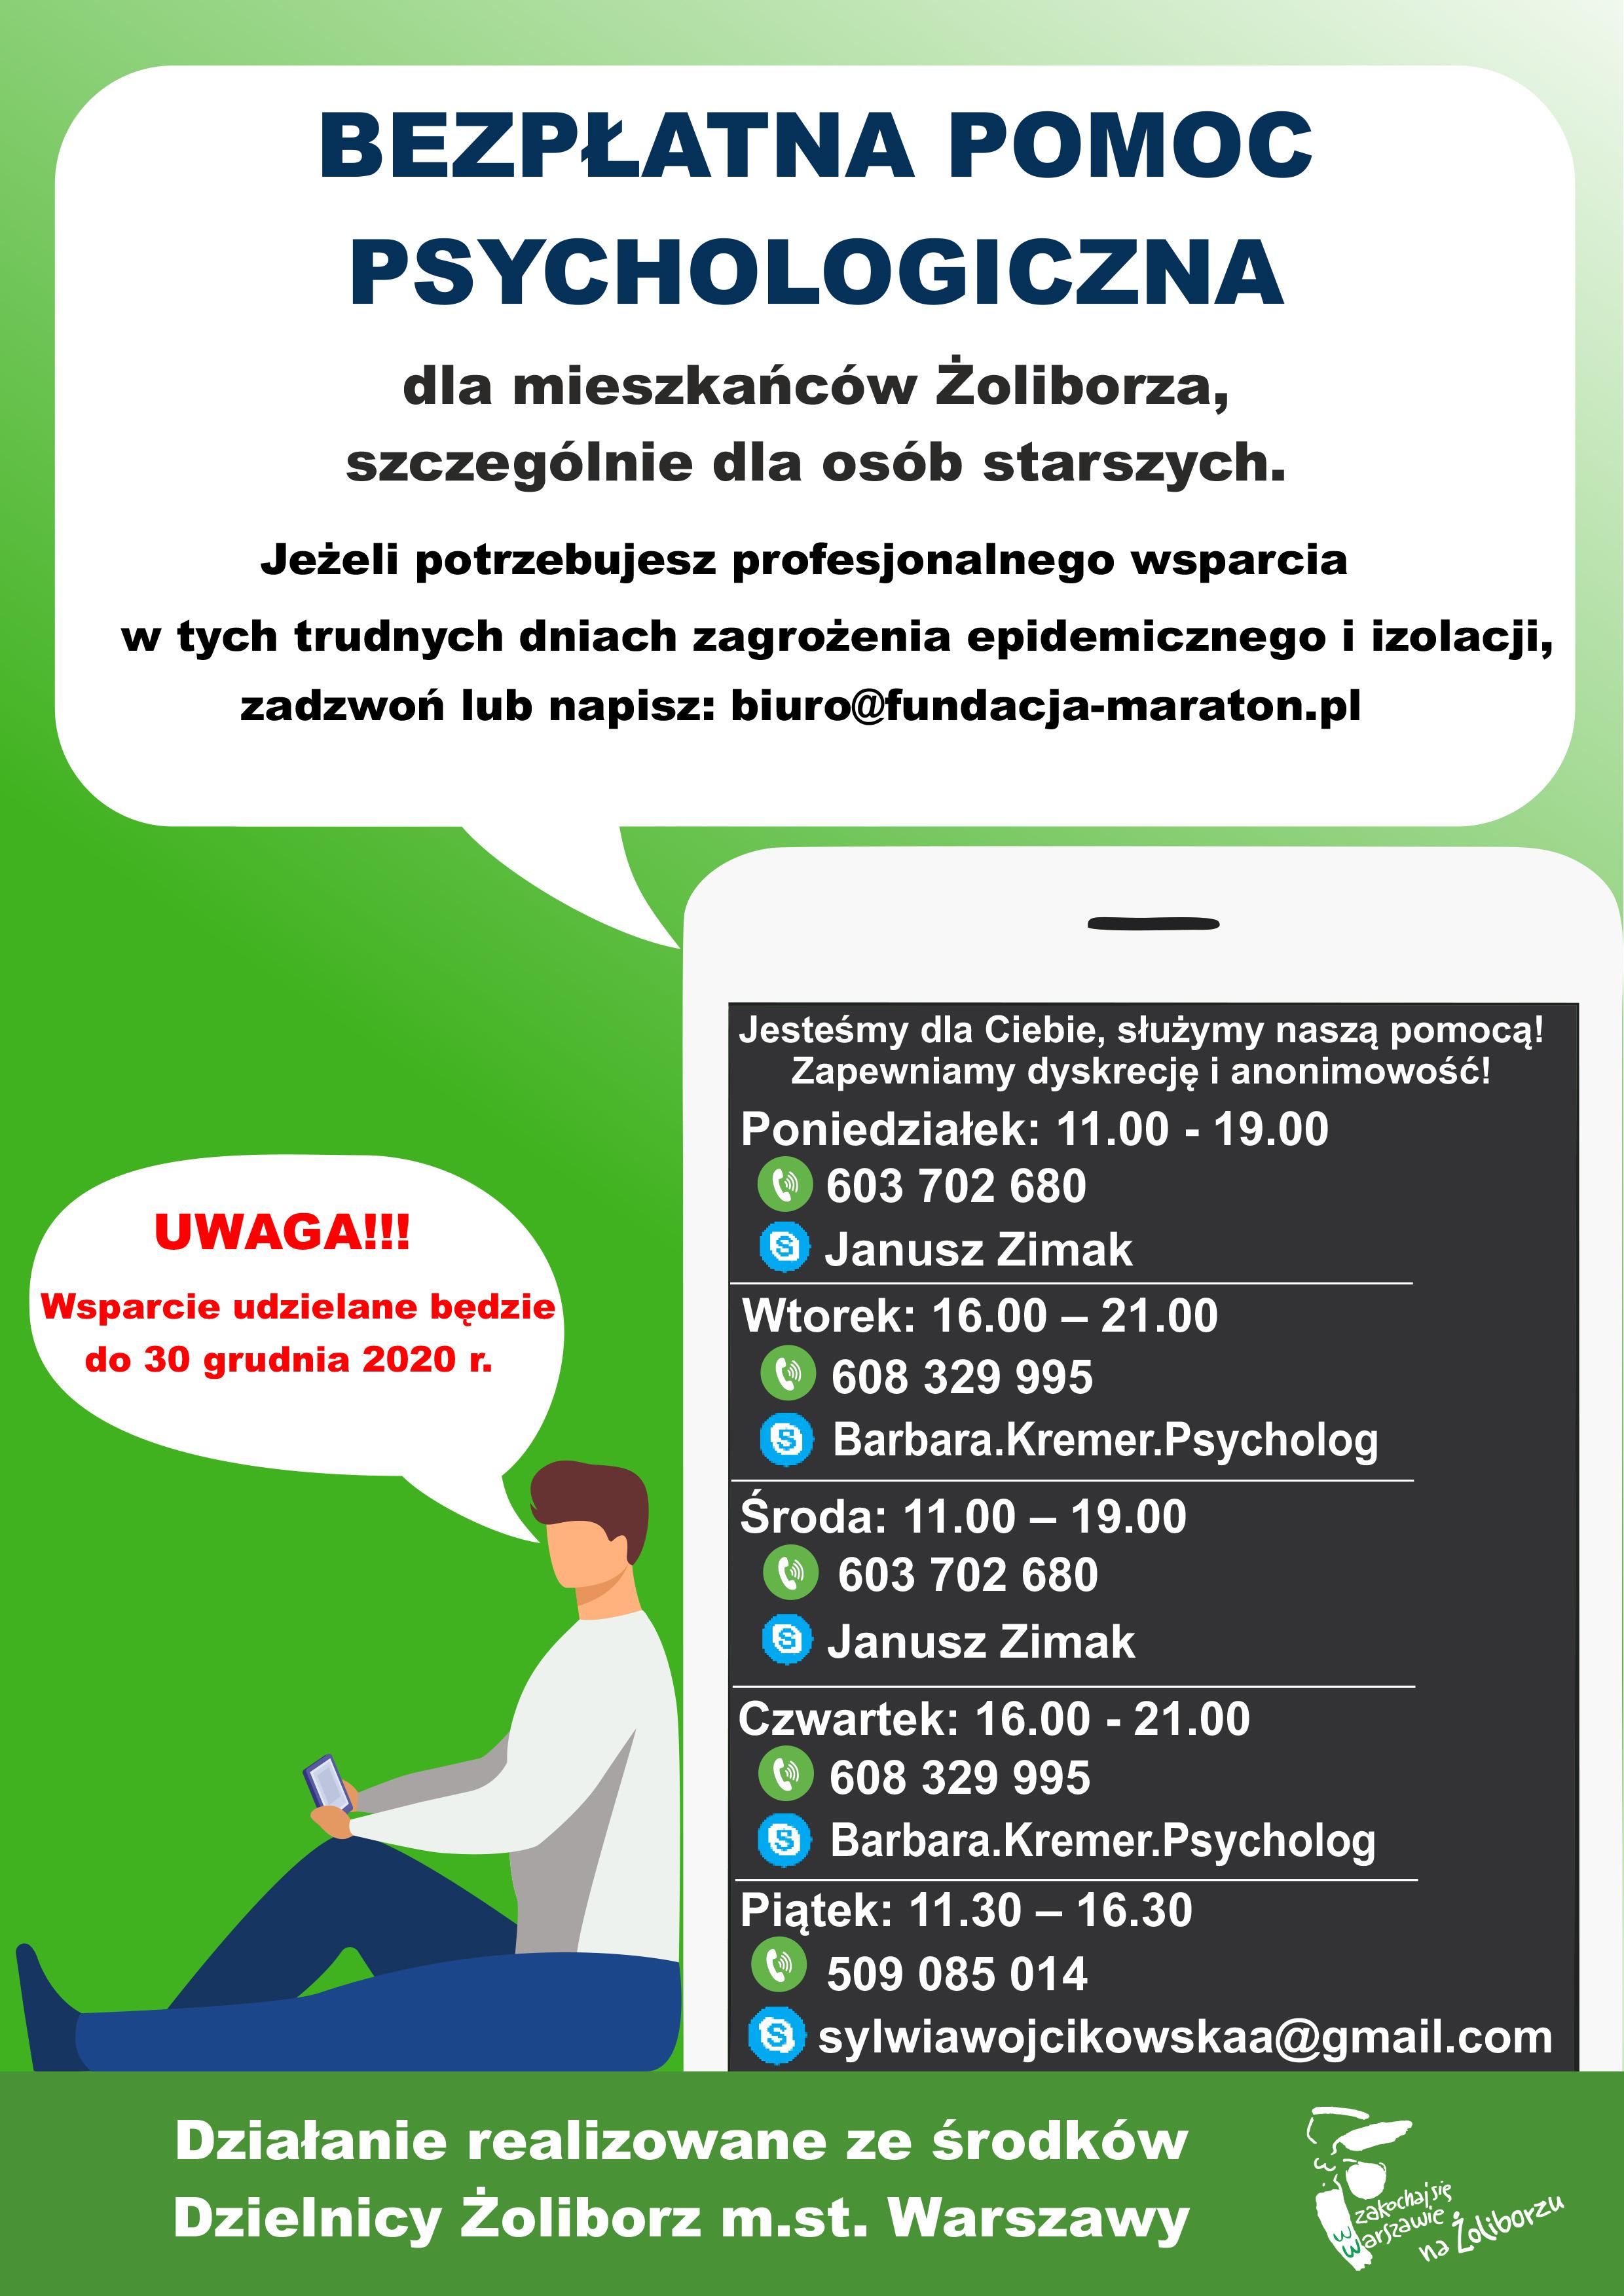 Numer pomocy psychologicznej dla seniorów 603 702 680